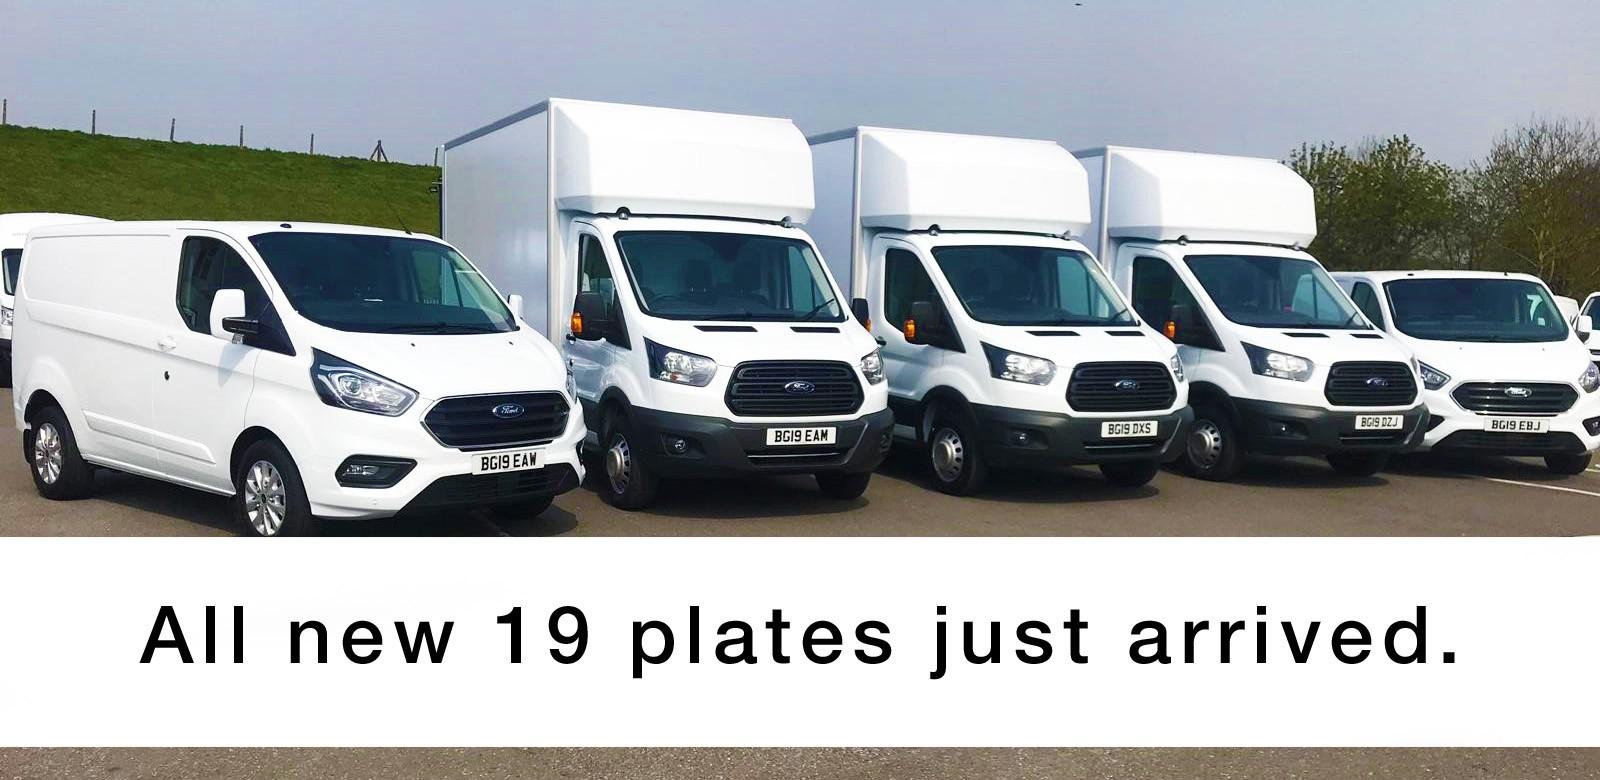 Signature Van Hire adds NEW 19 plate vans to fleet of London rental vans